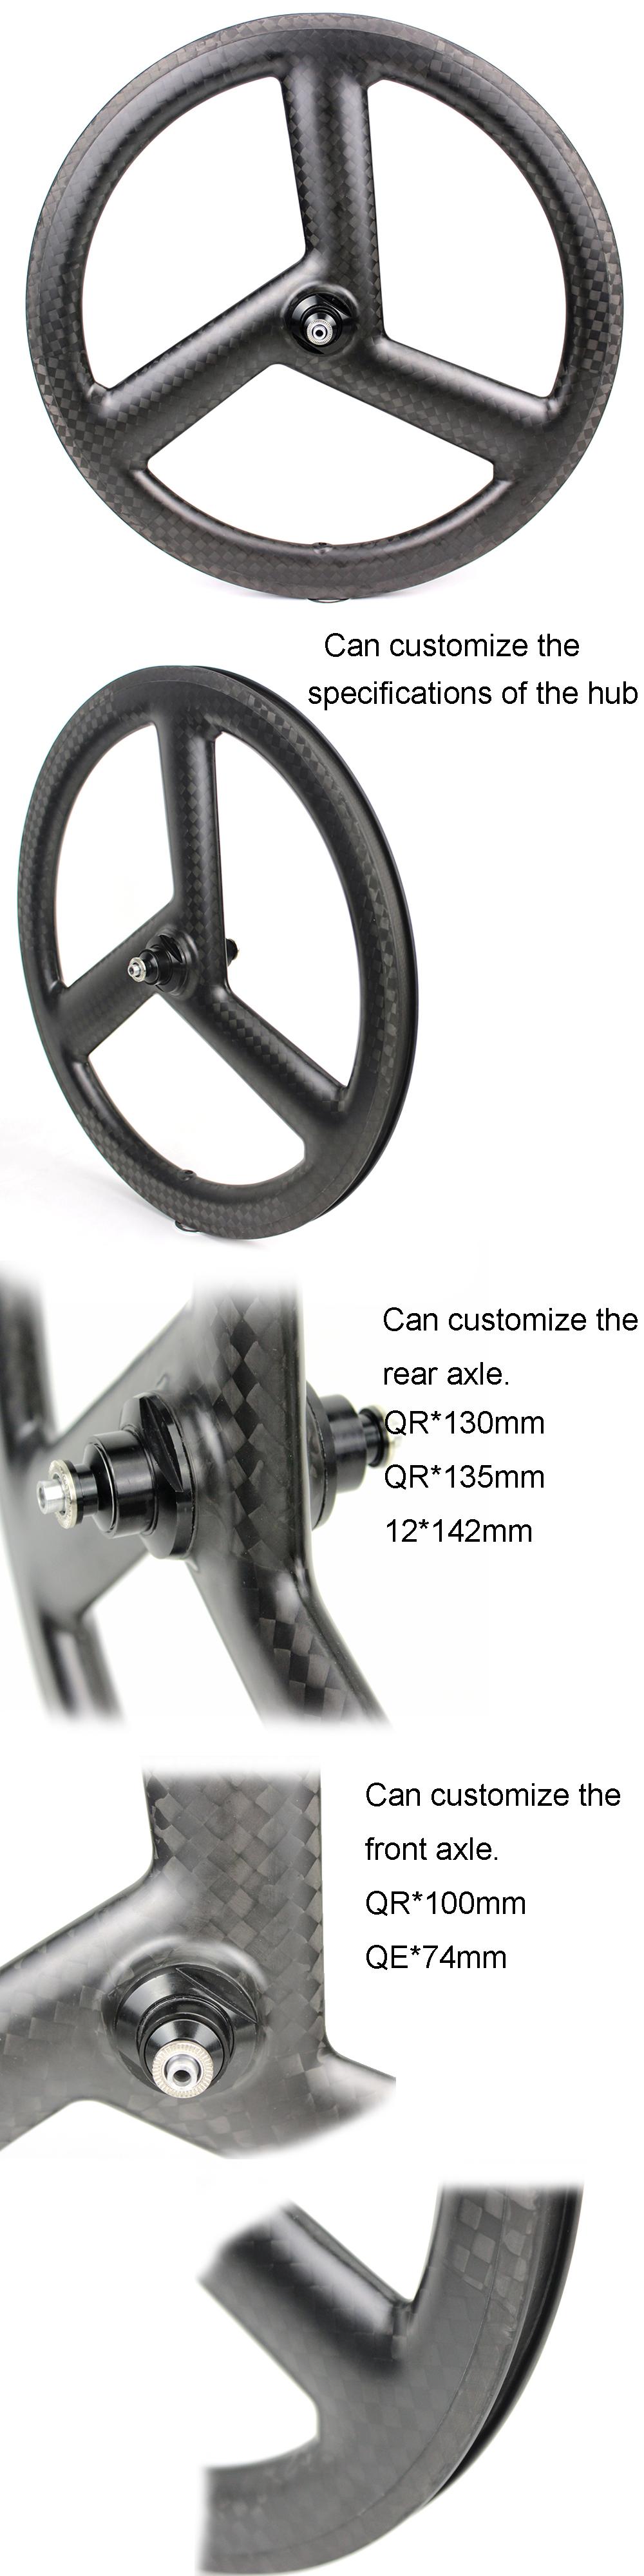 Folding Bike Wheels 451mm 3 spoke bicycle BMX carbon rims